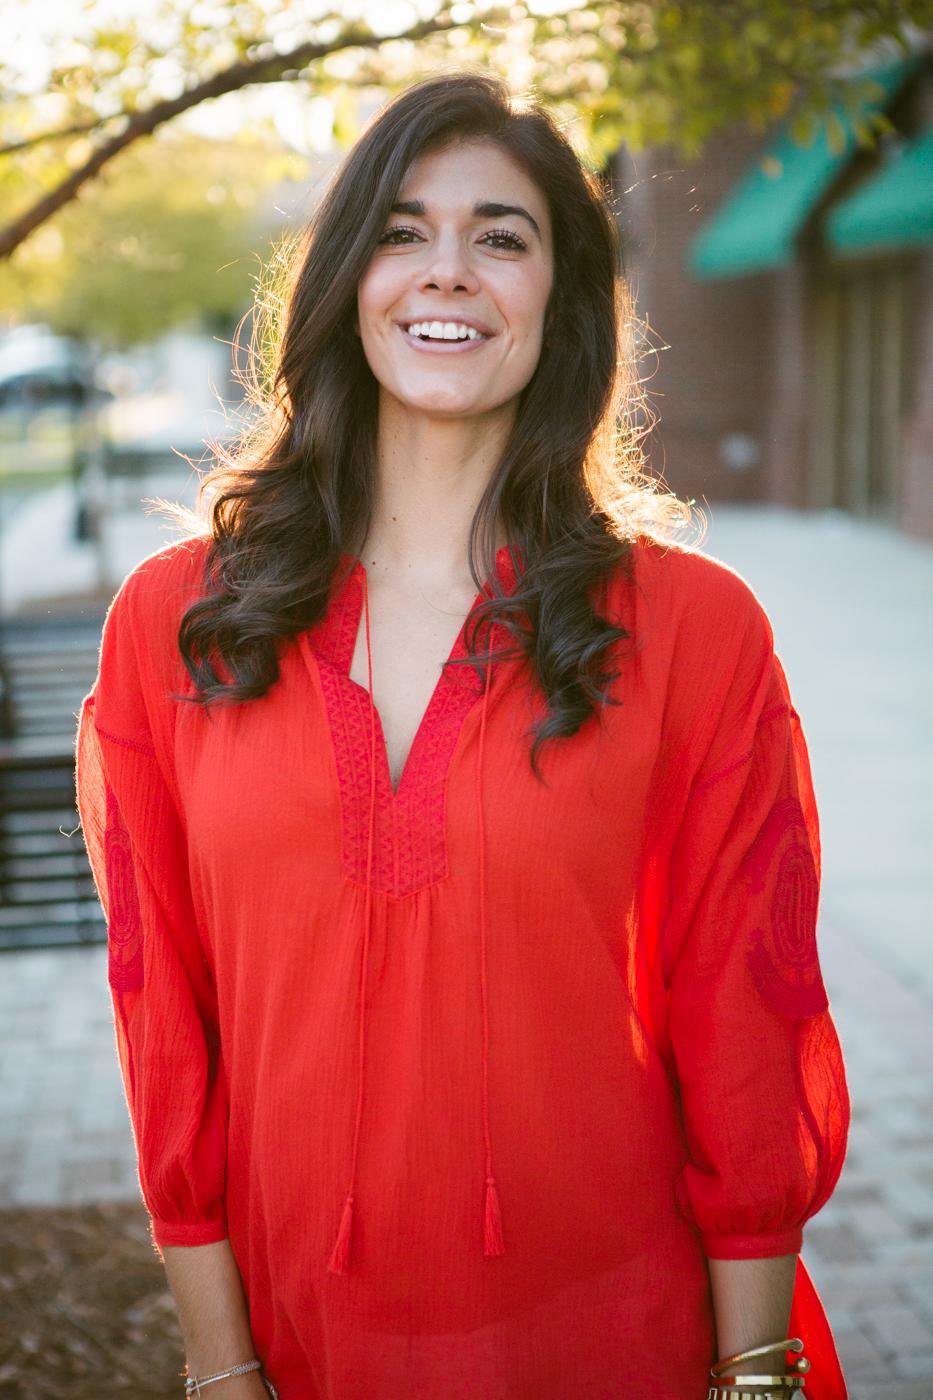 Lauren-Schwaiger-Madewell-Red-Top.jpg